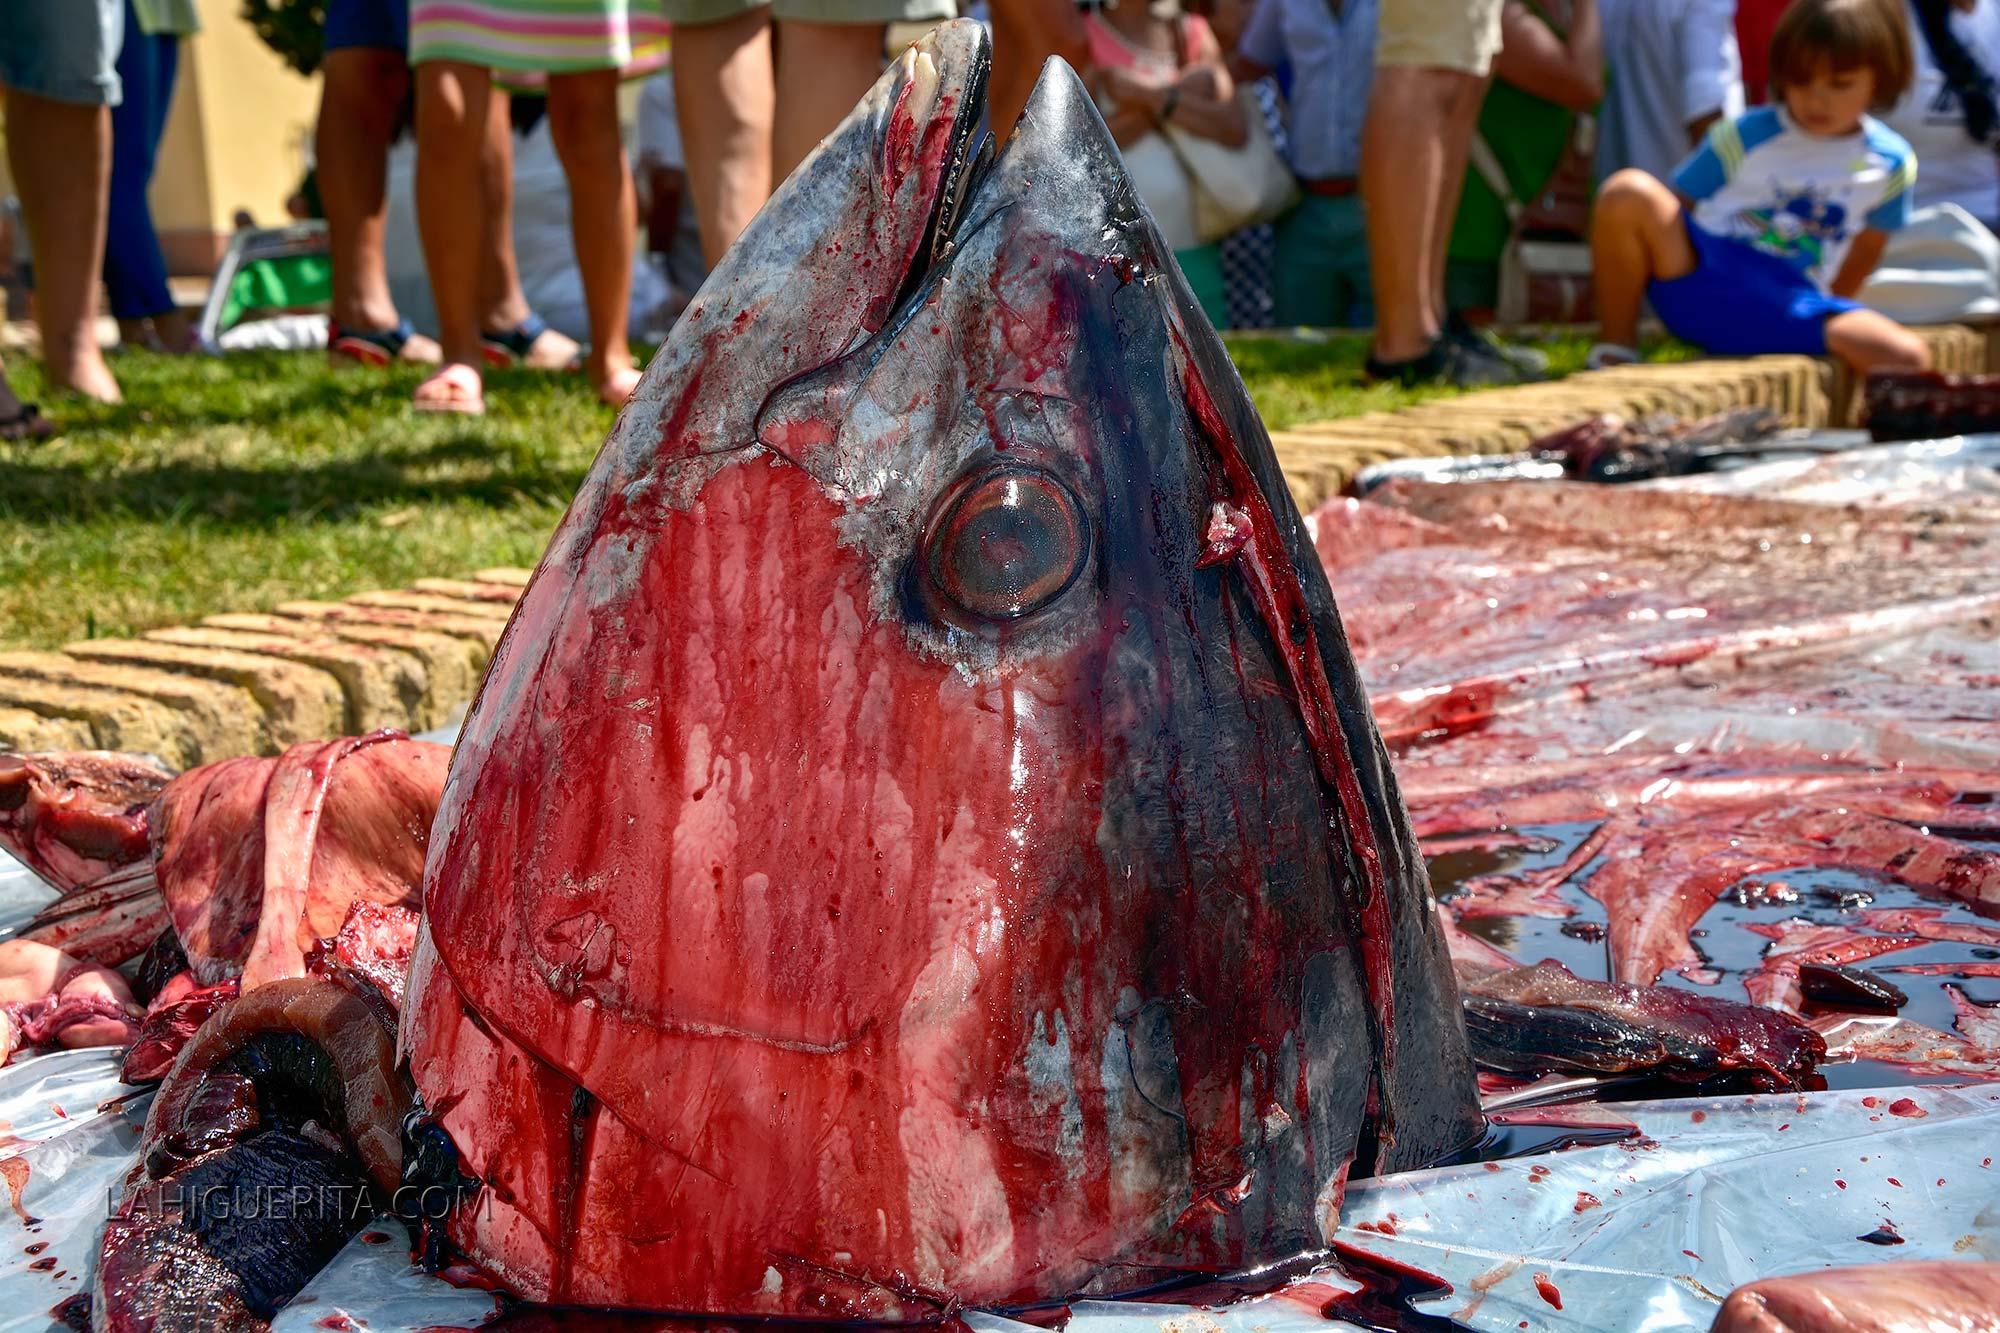 VII Ronqueo y degustación del Atún en la Plaza de la Almadraba de Isla Cristina